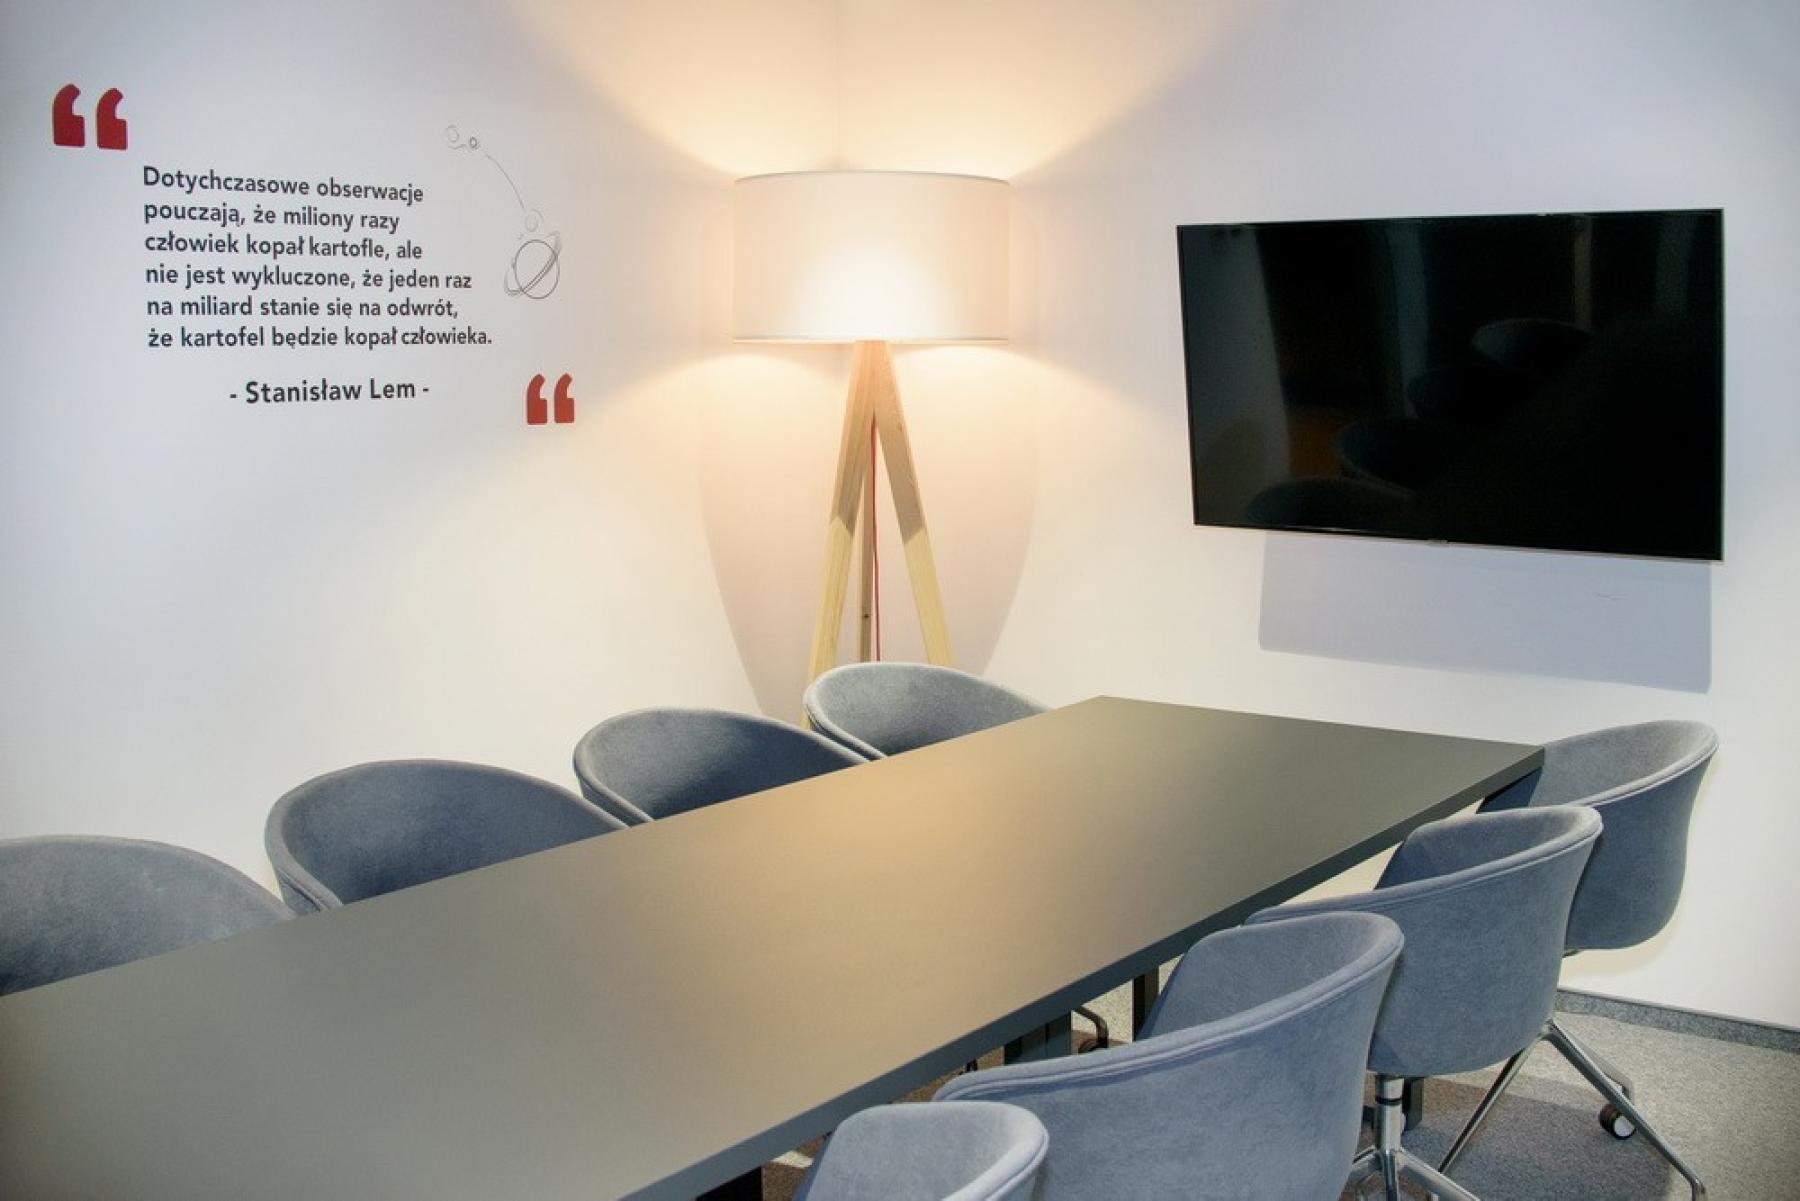 sala konferencyjna jana dekerta 24 kraków